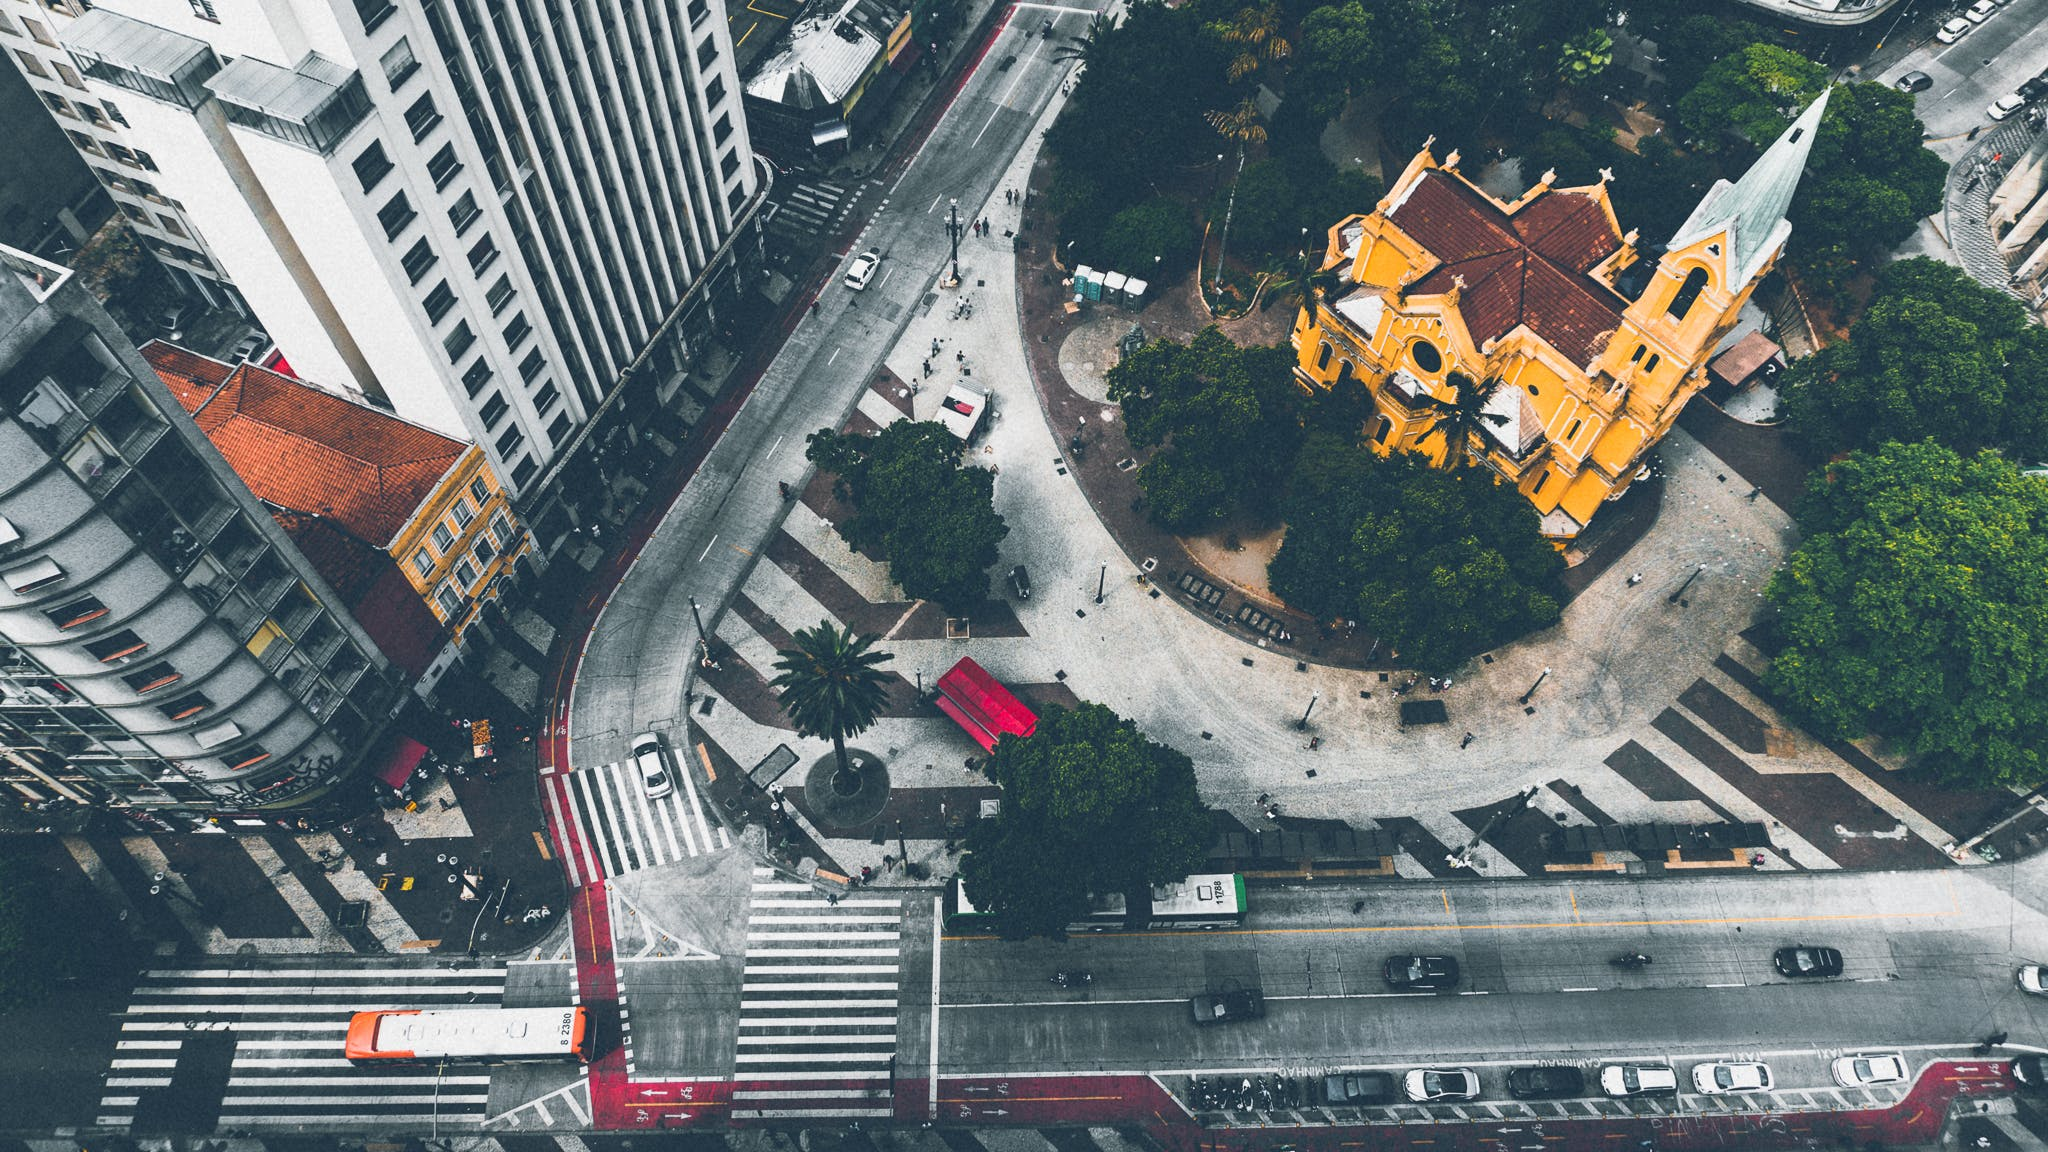 ağaçlar, arabalar, binalar, hareket içeren Ücretsiz stok fotoğraf